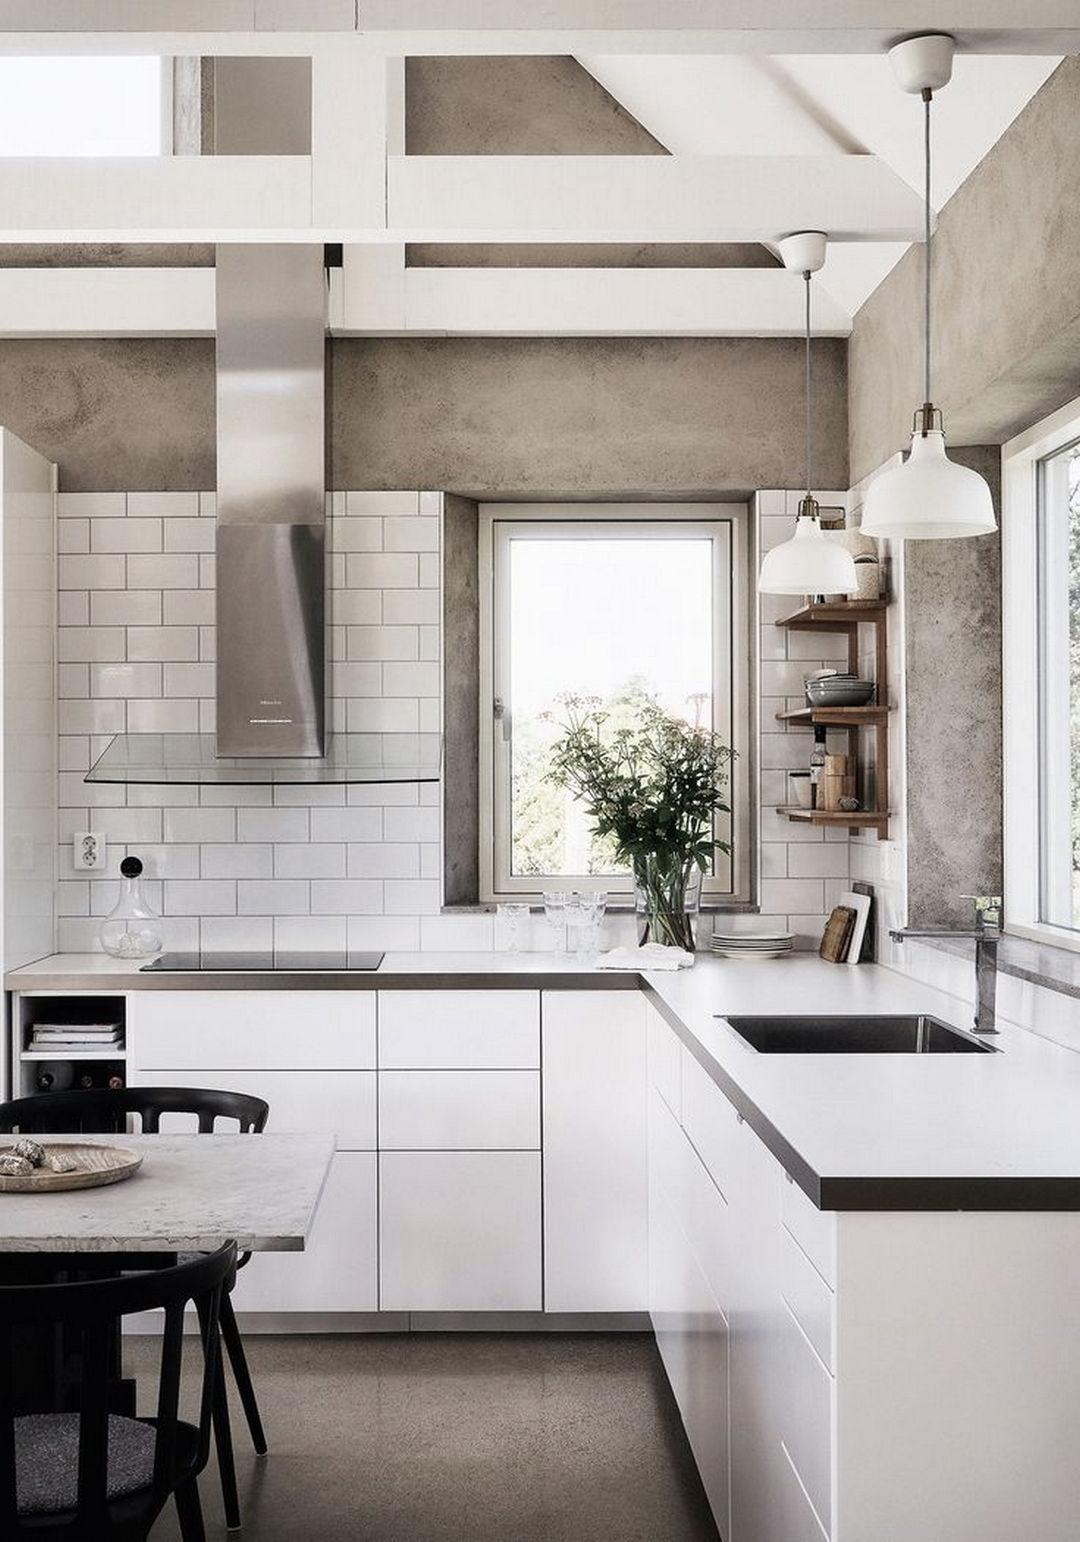 105 Stylish Modern Kitchen Design Ideas